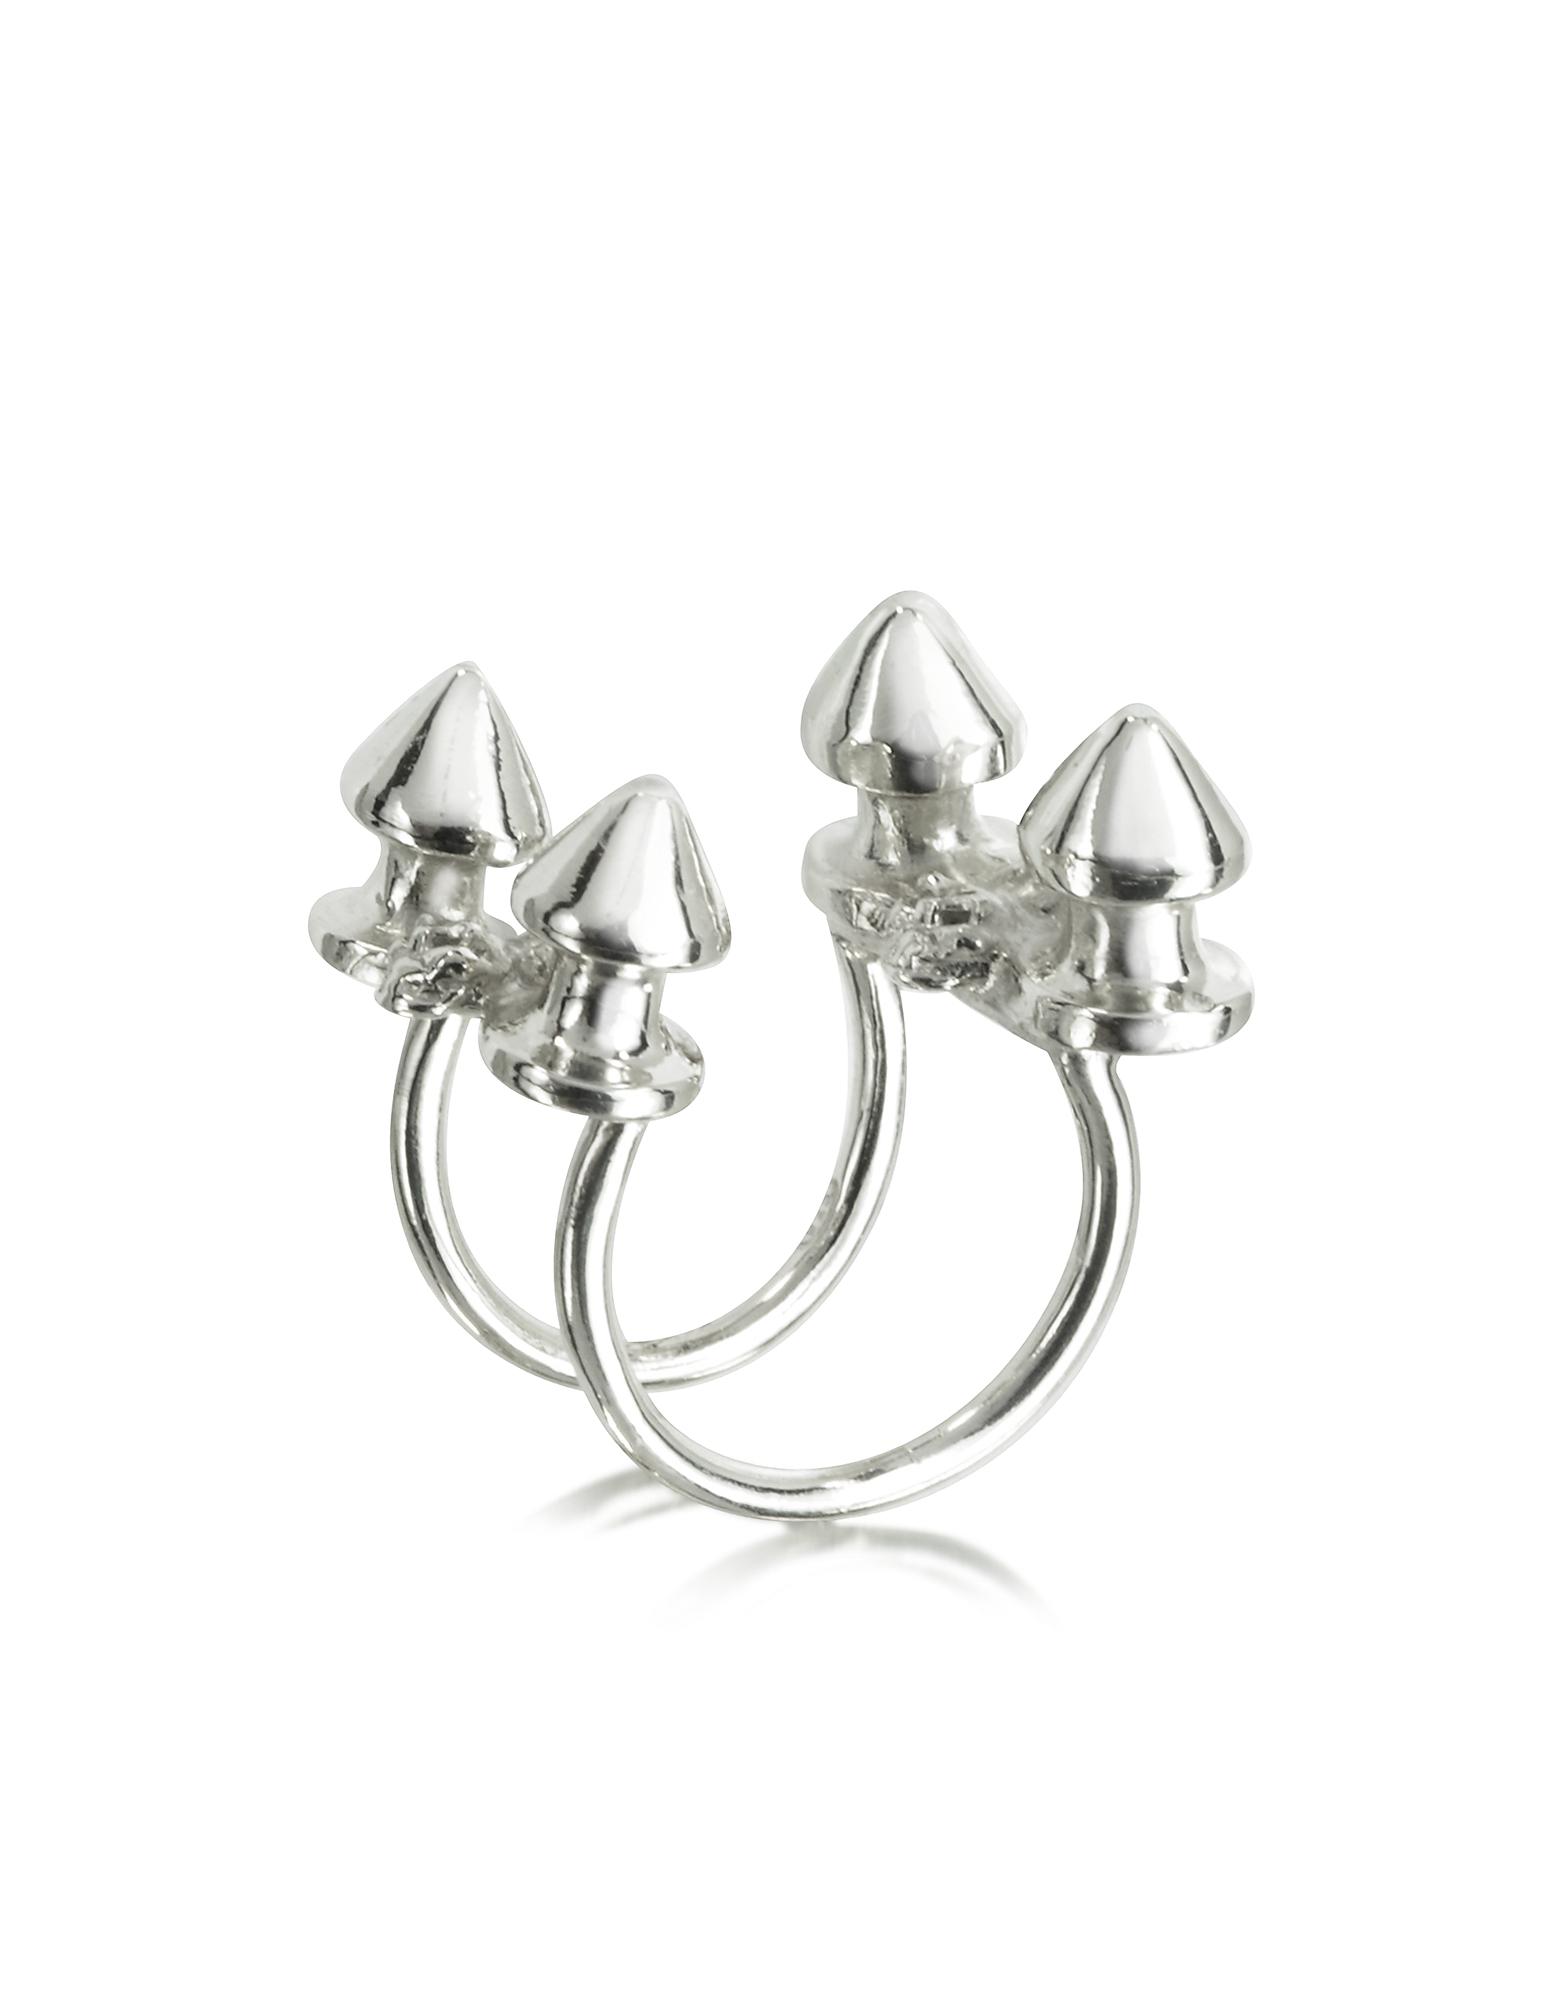 Bernard Delettrez Rings, Four Studs Silver Ring